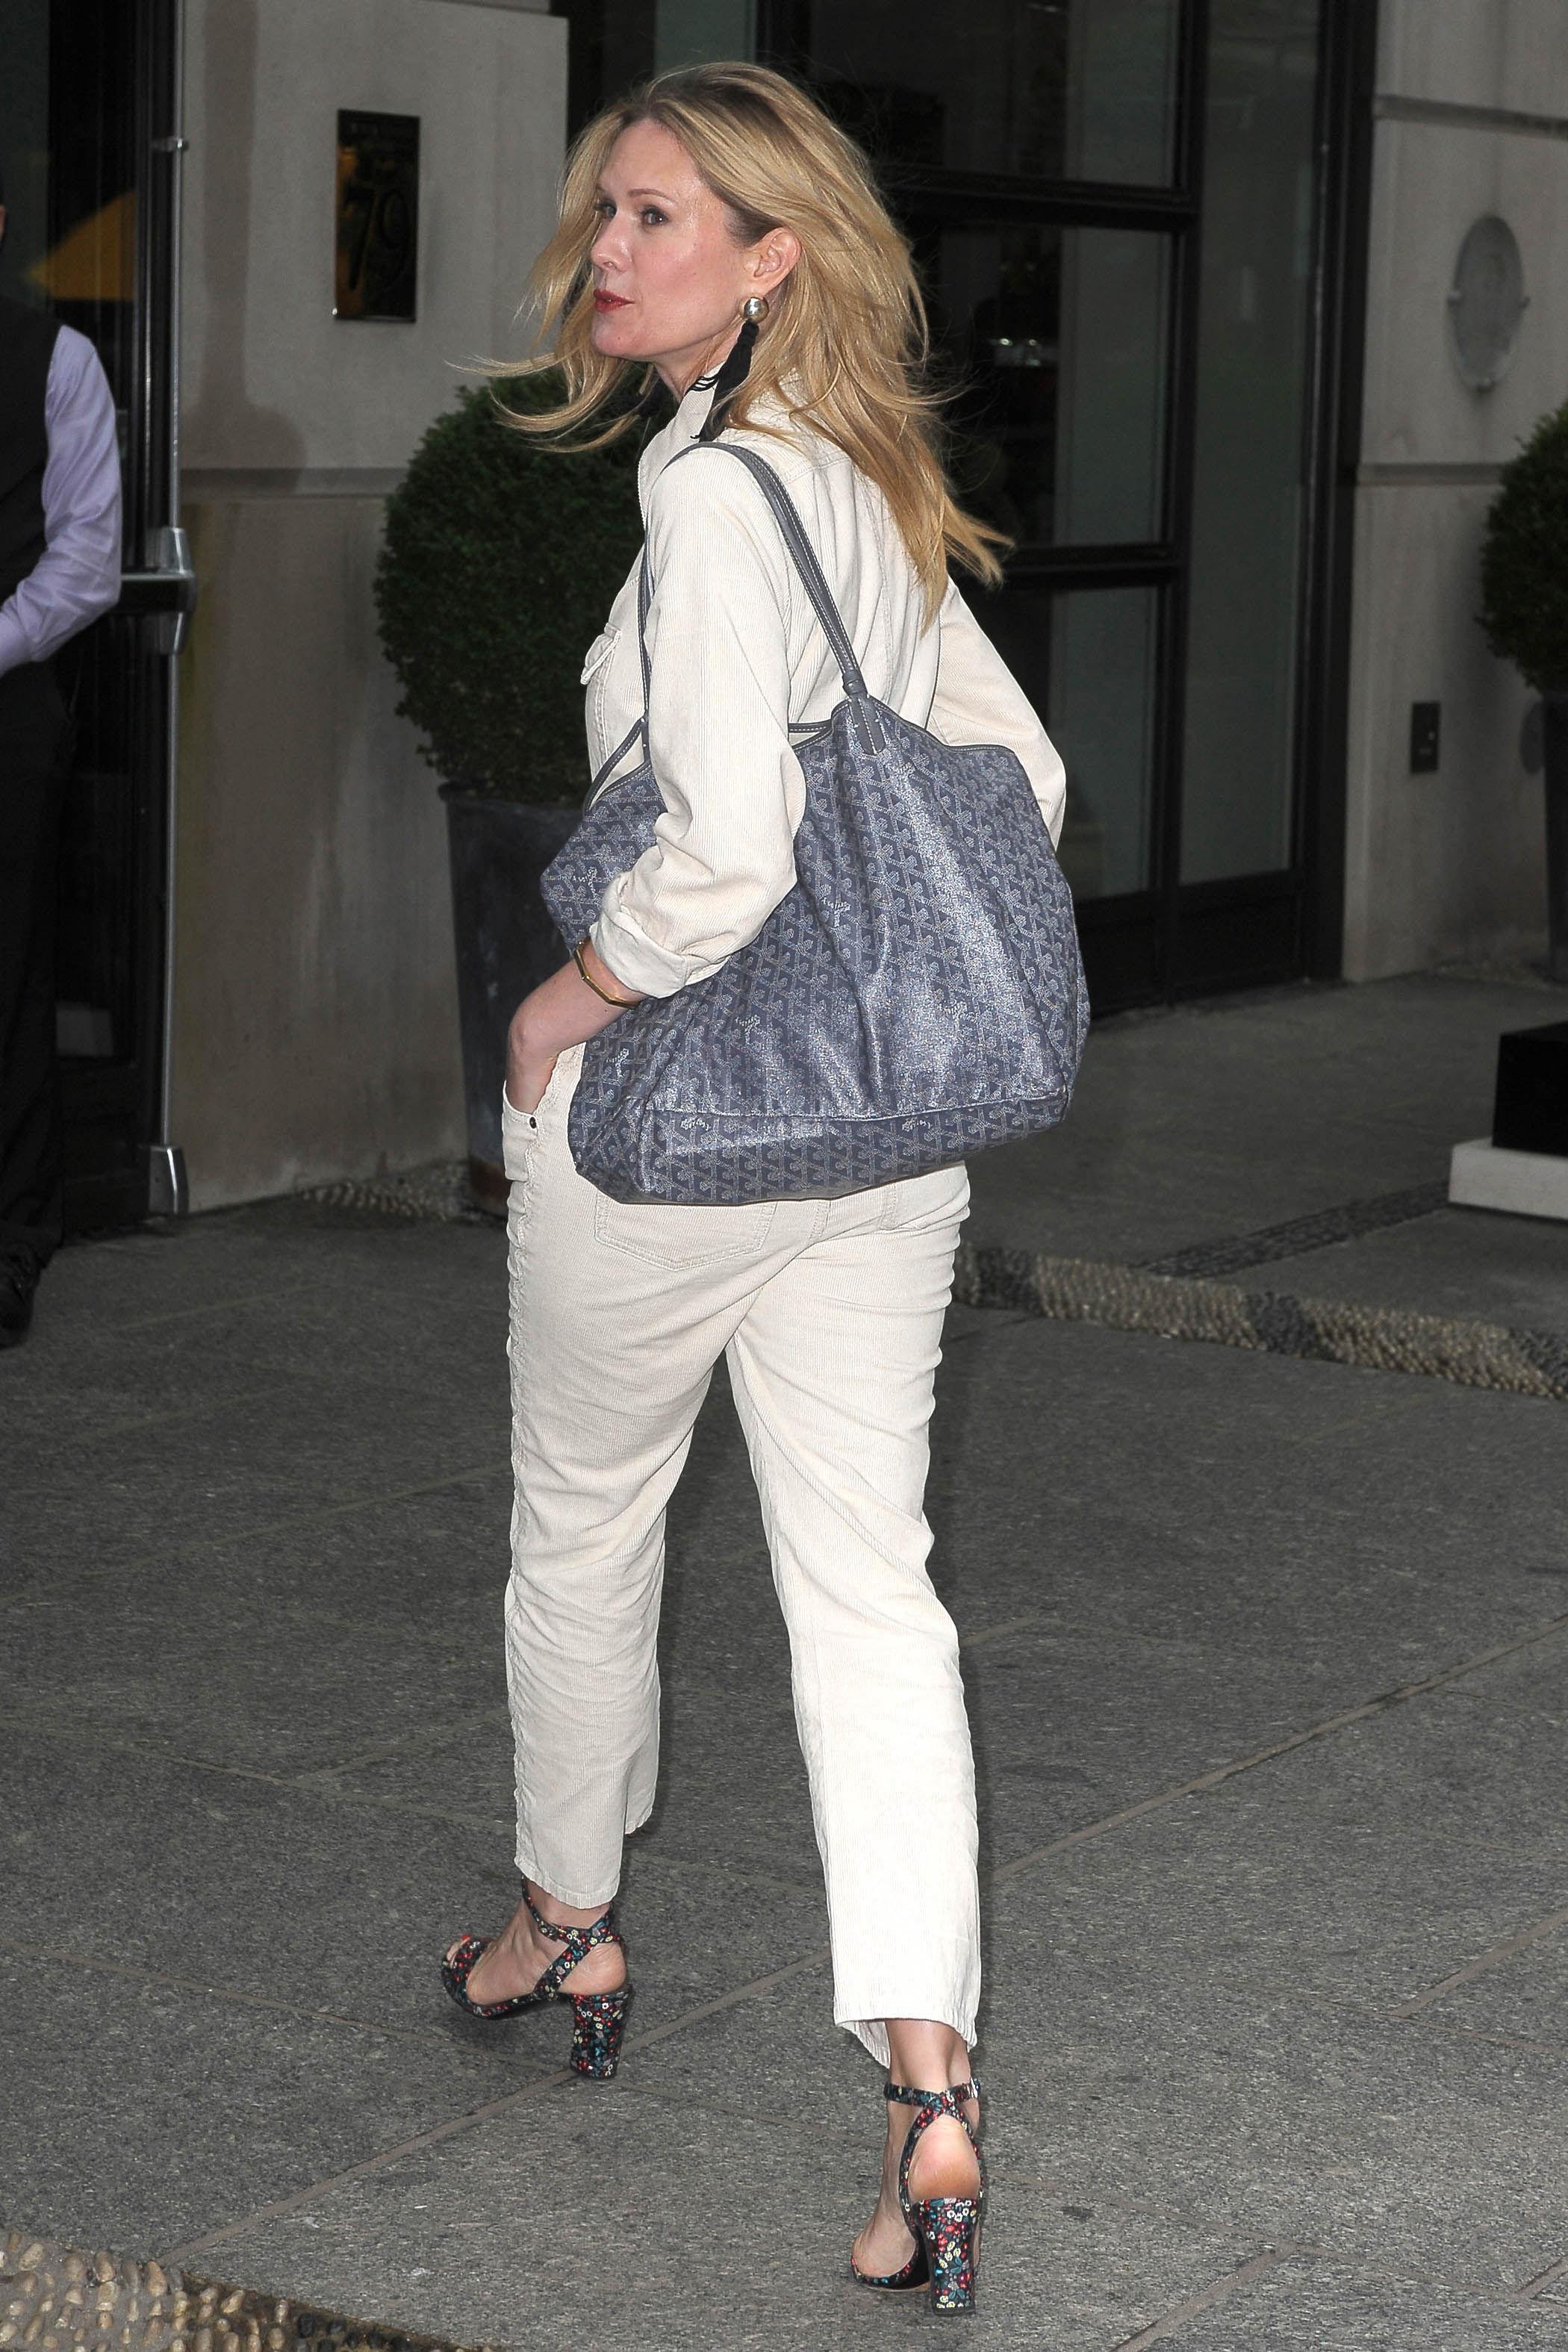 Amy Adams Wikifeet stephanie march's feet << wikifeet